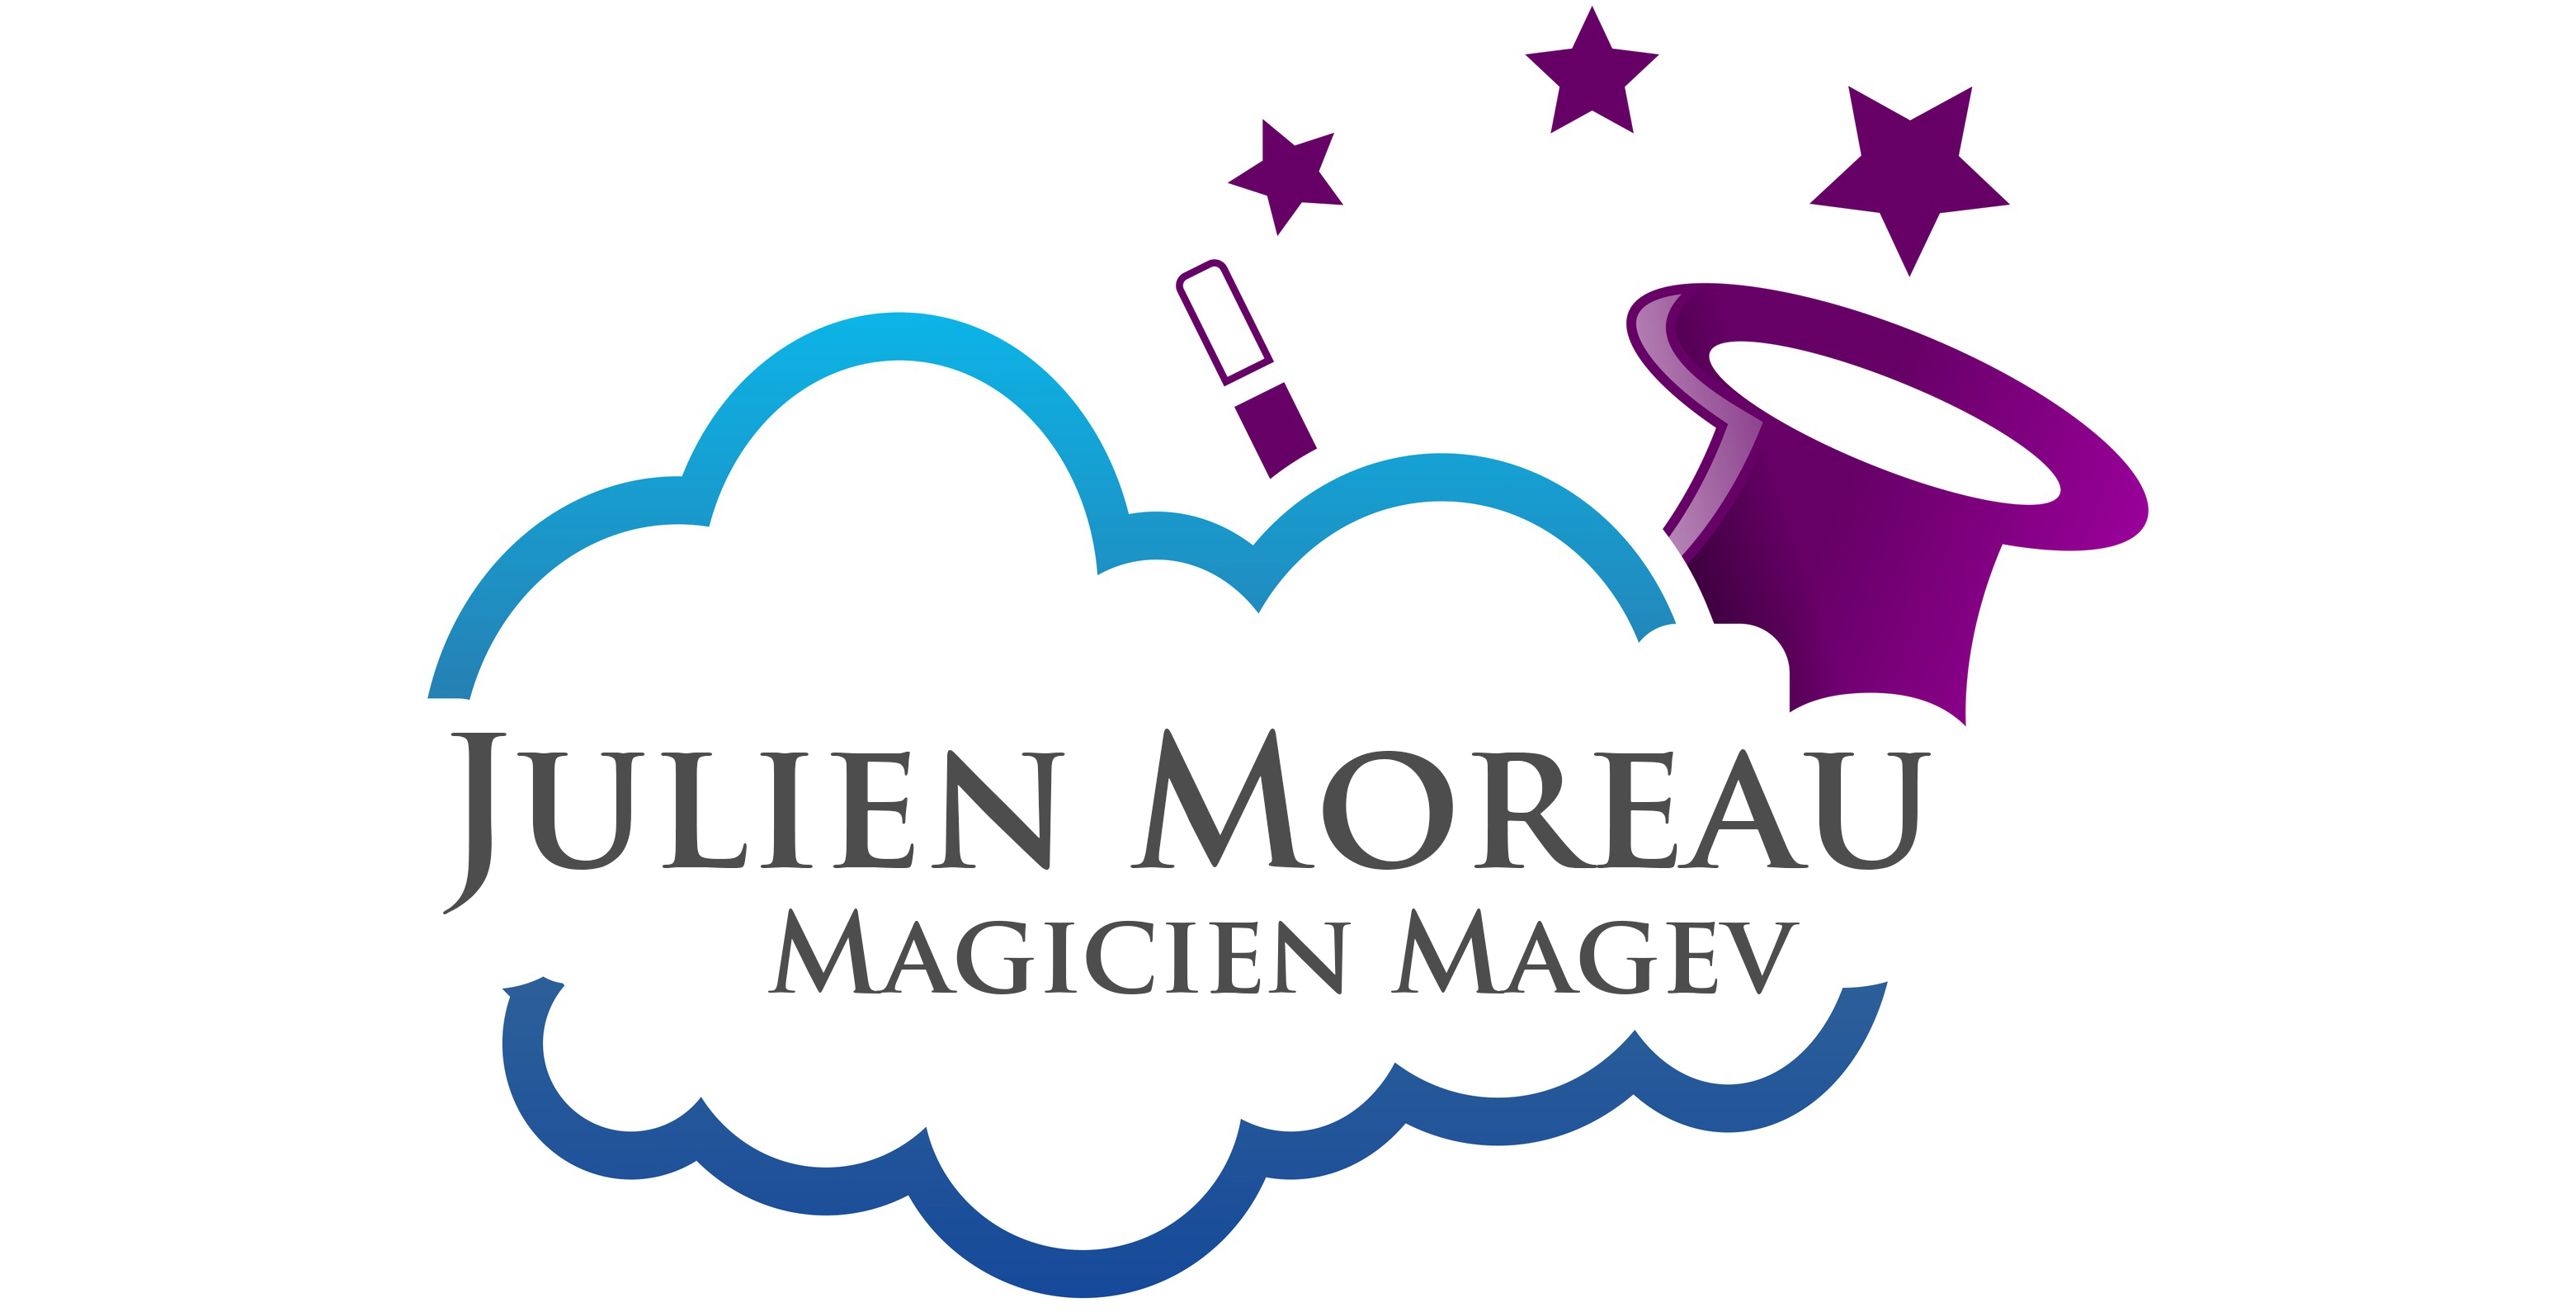 Julien Moreau